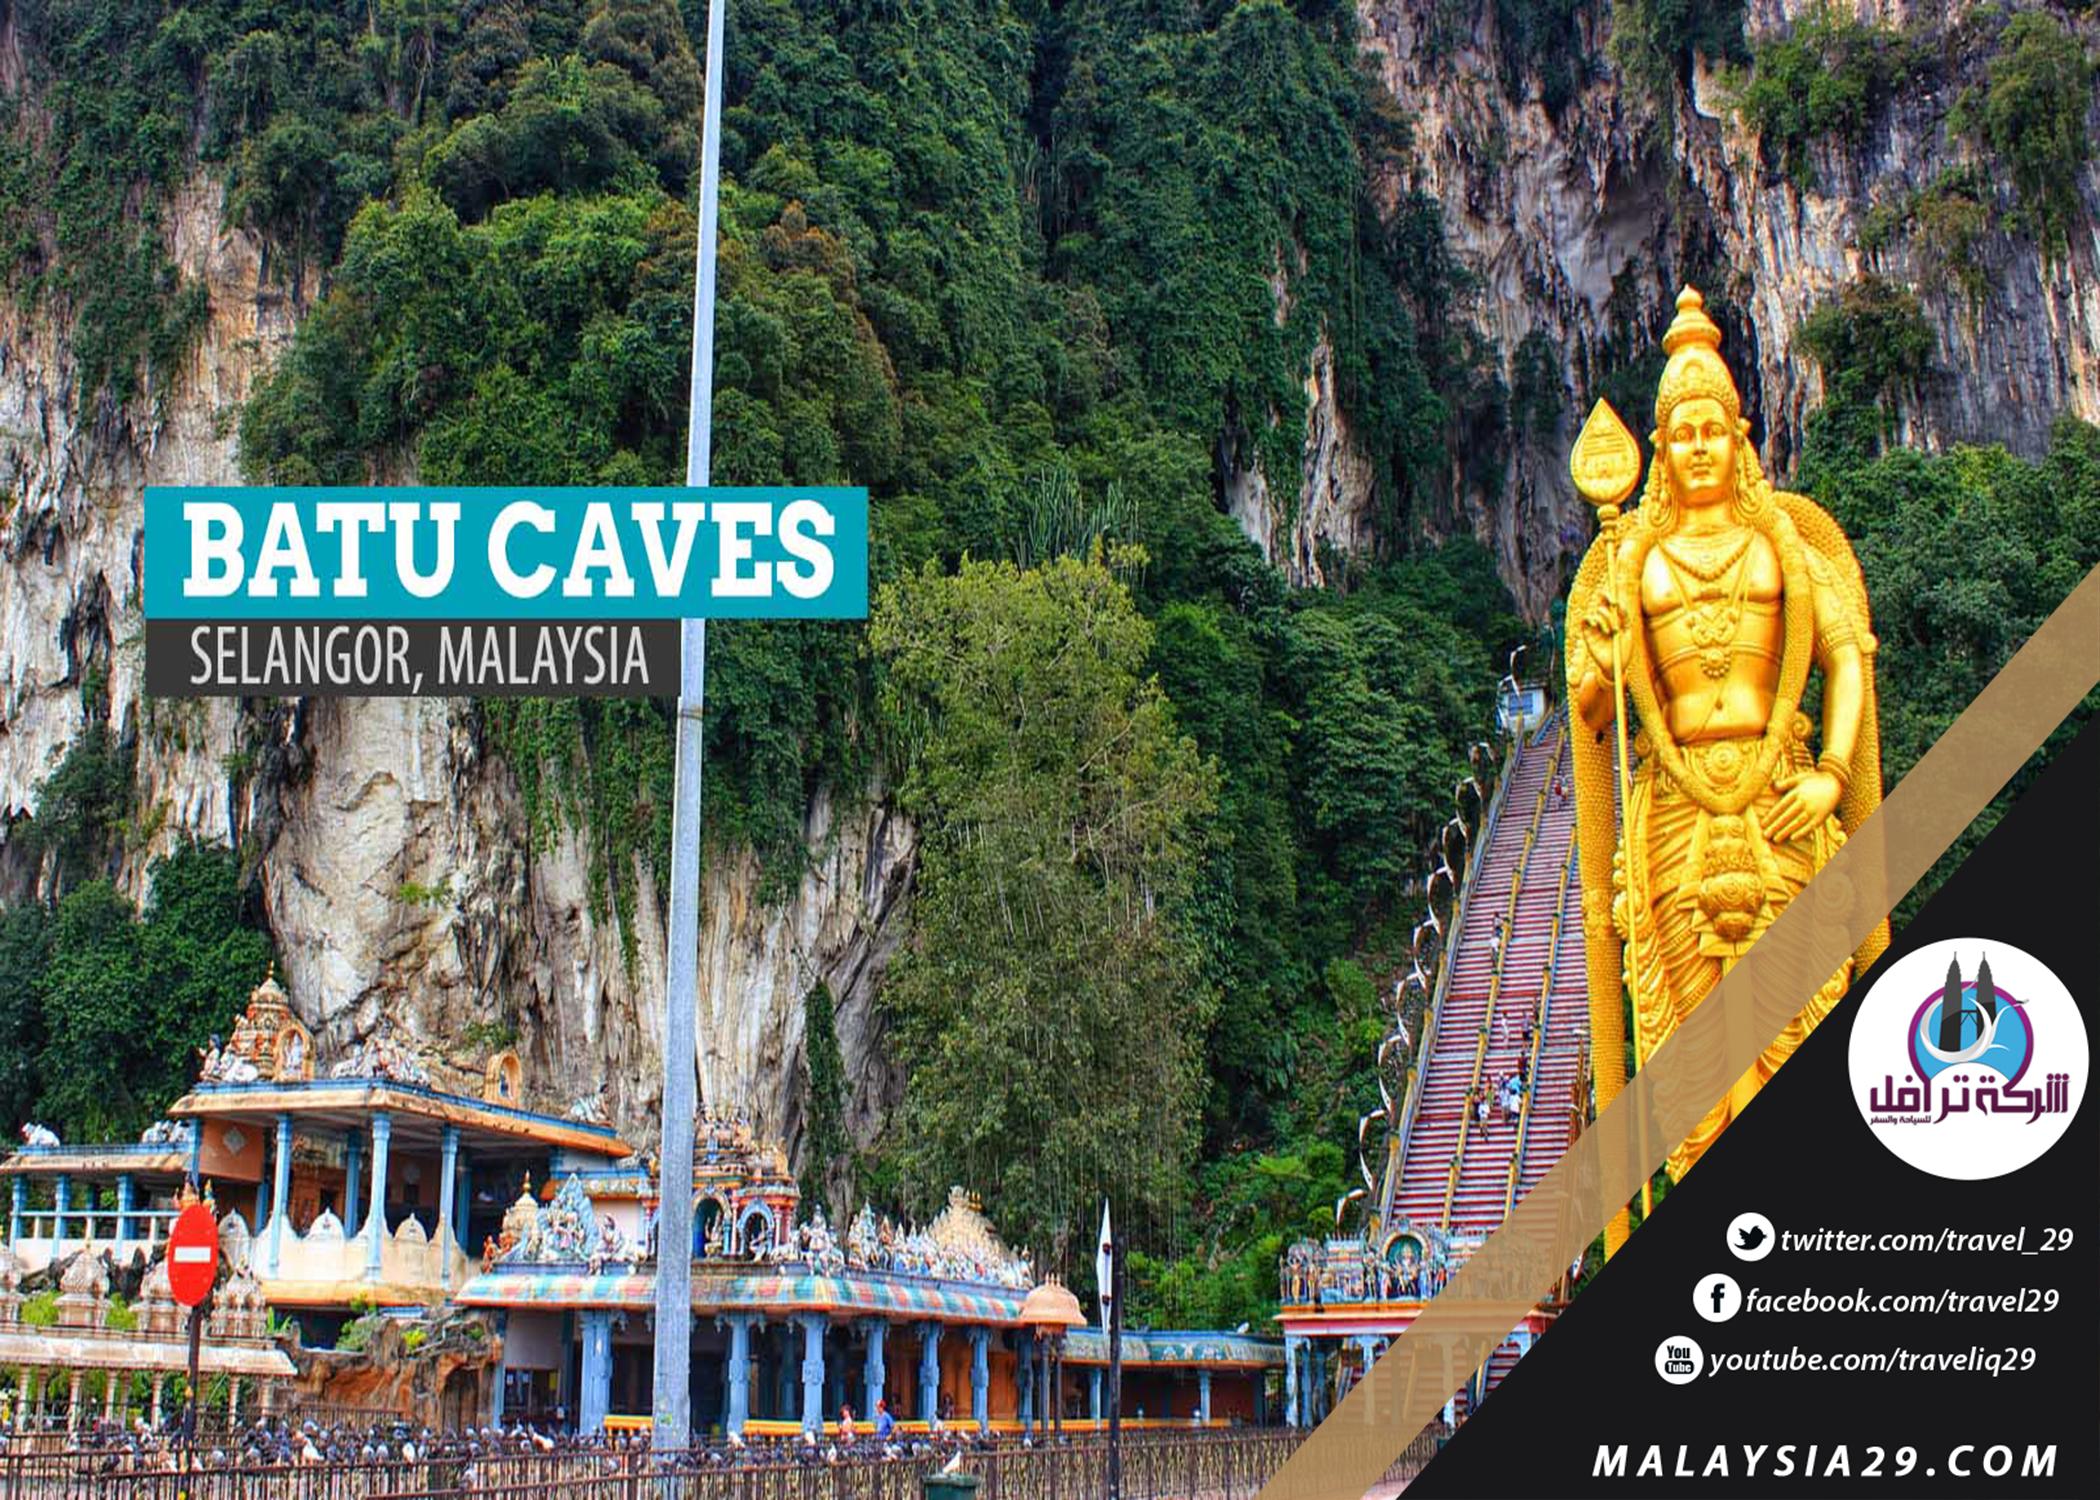 السياحة فى كهوف باتو في سيلانجور ماليزيا | افضل الانشطة فى كهوف باتو